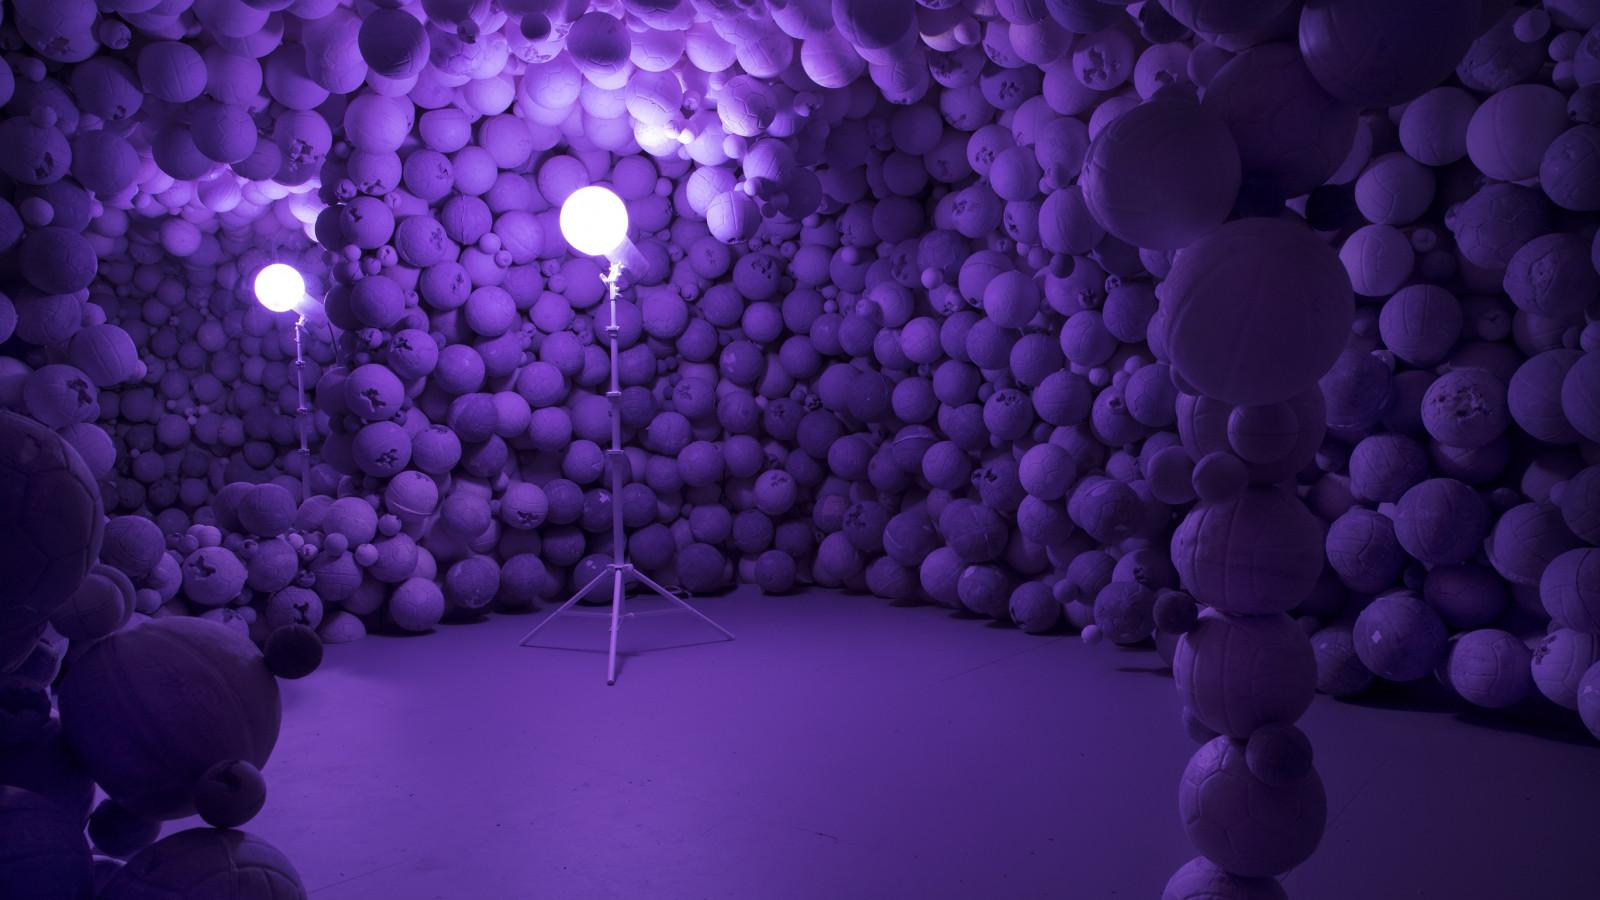 Daniel Arsham - Amethyst Ball Cavern